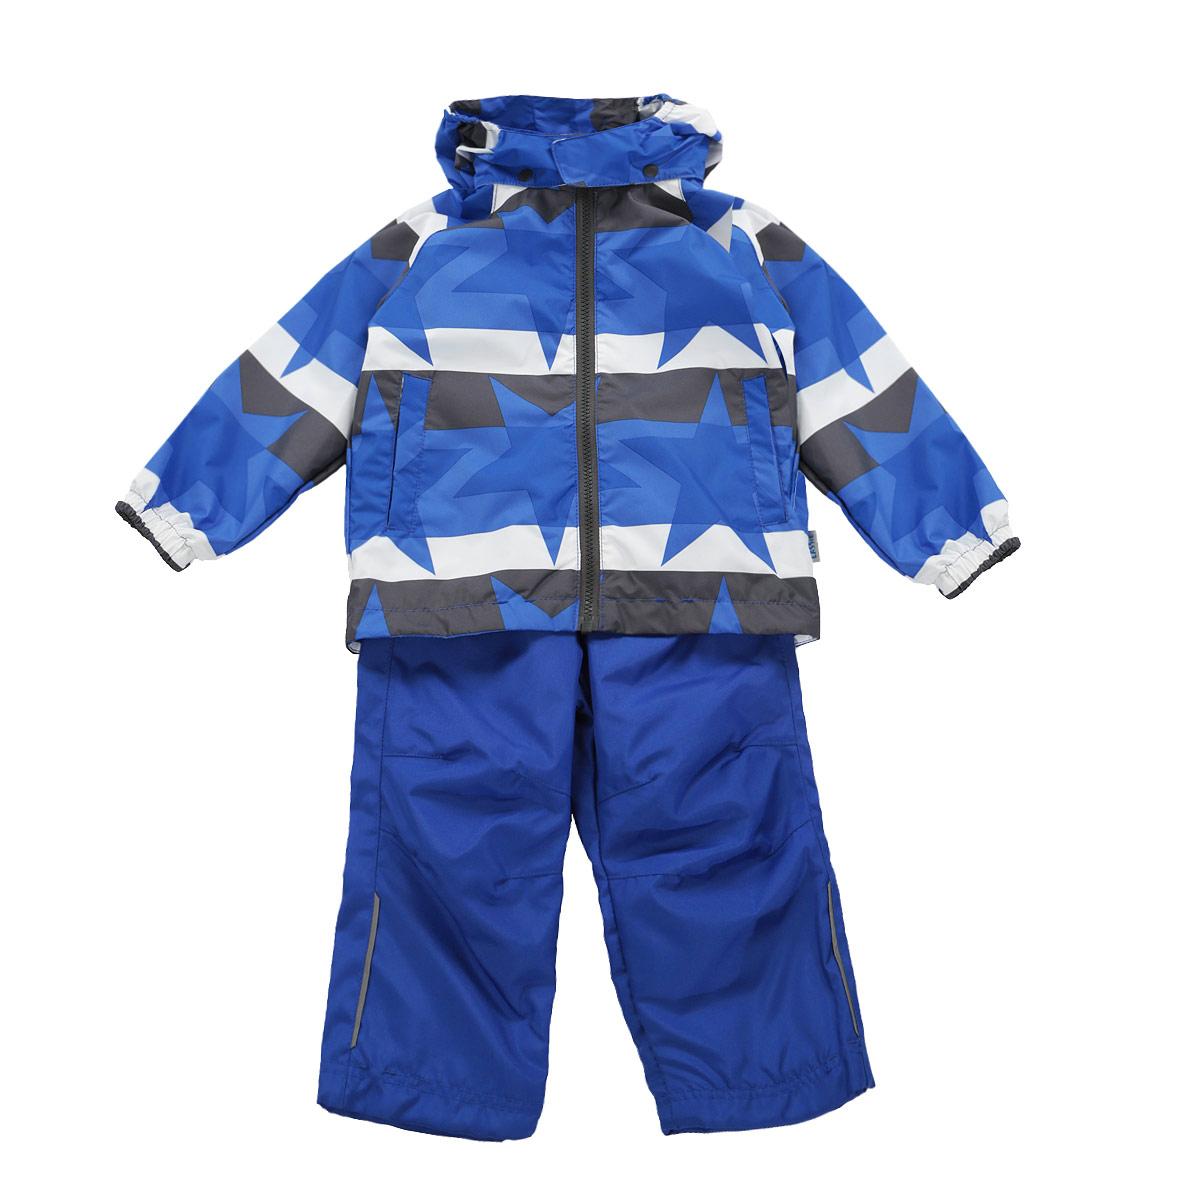 Комплект для мальчика: куртка, брюки. 723620 - Reima723620_6601Модный комплект для мальчика Reima Lassie, состоящий из куртки и брюк, идеально подойдет для ребенка в прохладное время года. Комплект изготовлен из водоотталкивающей и ветрозащитной ткани. Материал отличается высокой устойчивостью к трению, благодаря специальной обработке полиуретаном поверхность изделий отталкивает грязь и воду, что облегчает поддержание аккуратного вида одежды, дышащее покрытие с изнаночной части не раздражает даже самую нежную и чувствительную кожу ребенка, обеспечивая ему наибольший комфорт. Куртка с капюшоном застегивается на удобную пластиковую застежку-молнию и дополнительно имеет внутреннюю ветрозащитную планку, а также защиту подбородка. Капюшон, присборенный по бокам на эластичные резинки, защитит нежные щечки от ветра, он пристегивается к куртке при помощи кнопок и дополнительно застегивается клапаном под подбородком на липучку. Подкладка капюшона выполнена из микросетки. Низ модели дополнен скрытой эластичной резинкой со стопперами. Спереди...